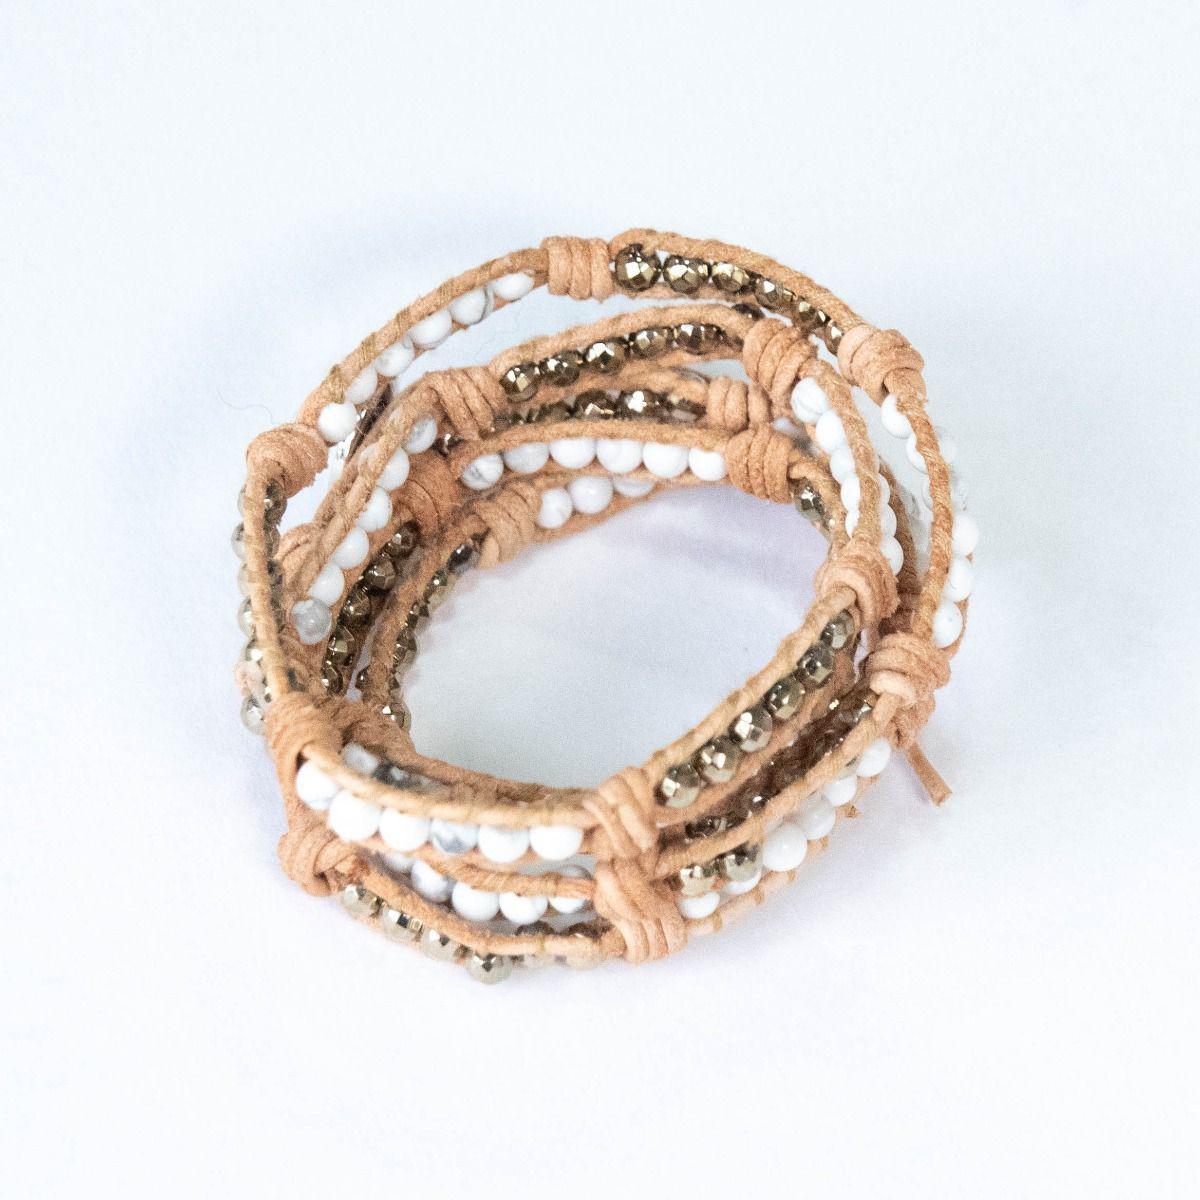 c484081f2828 Lyst - Elaine Turner Ayla Bracelet In White